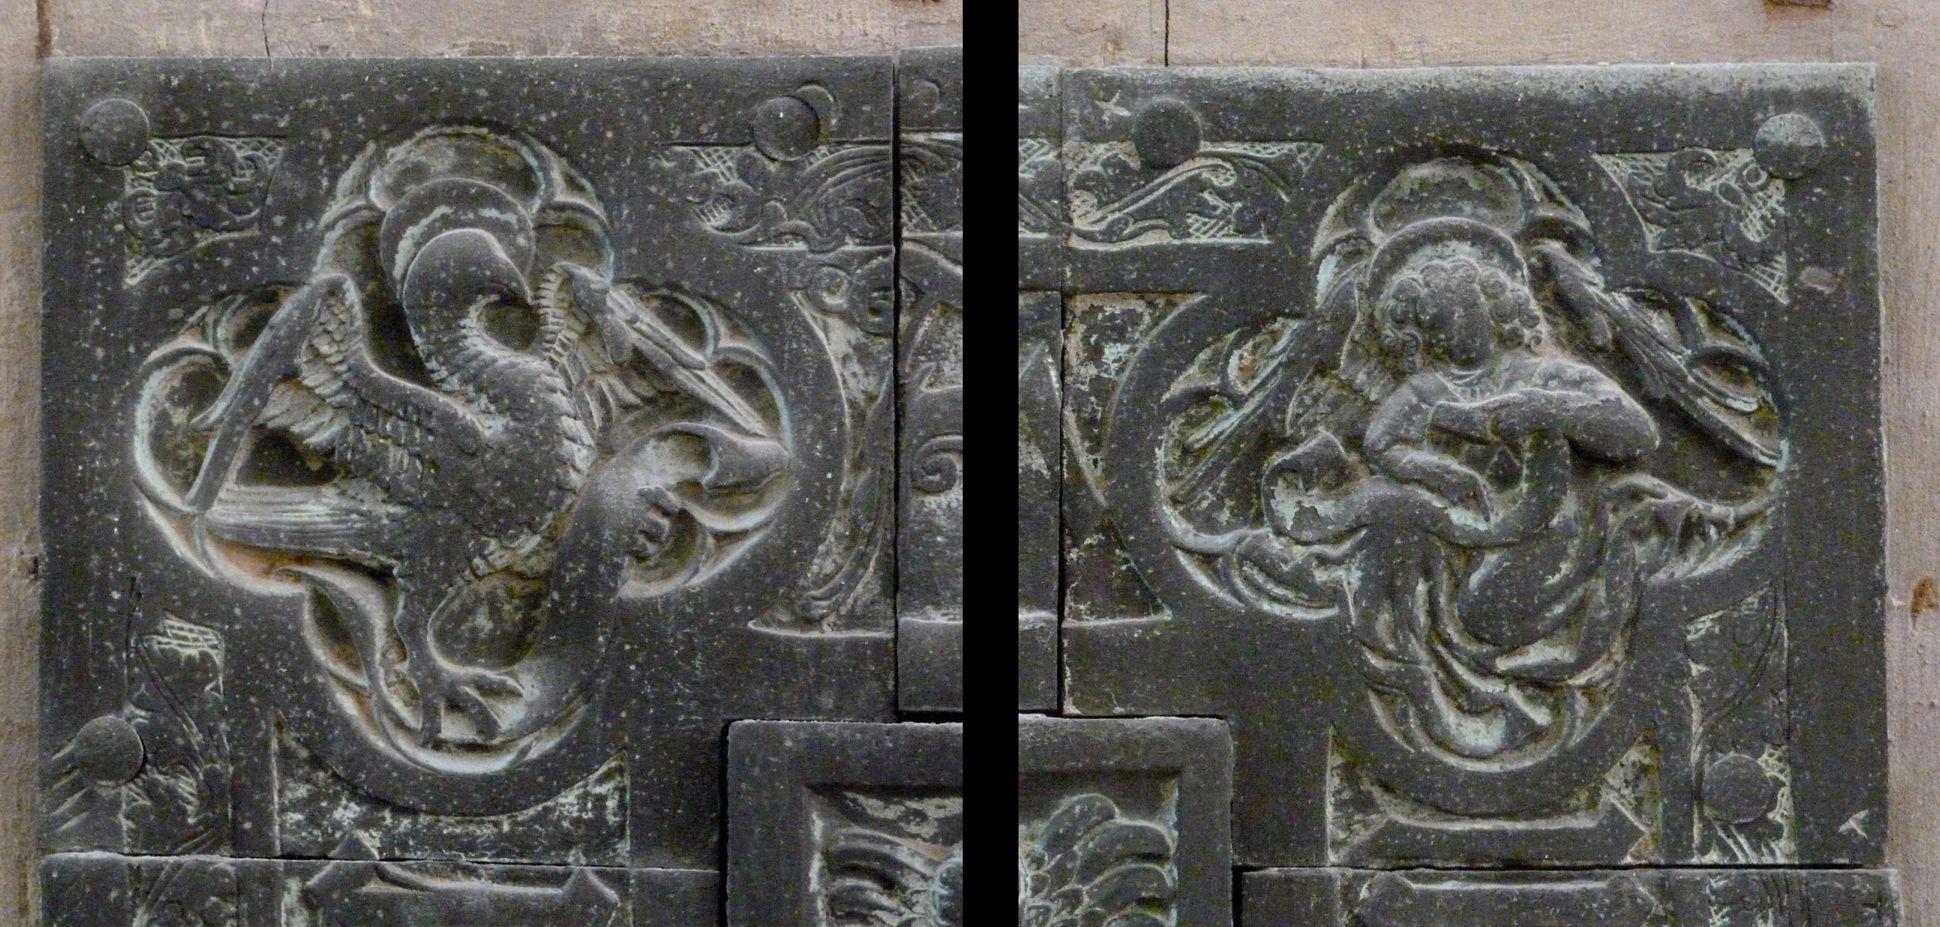 Balthasar von Neuenstadt Evangelistensymbole der oberen Ecken: Adler für Johannes und Mensch für Matthäus